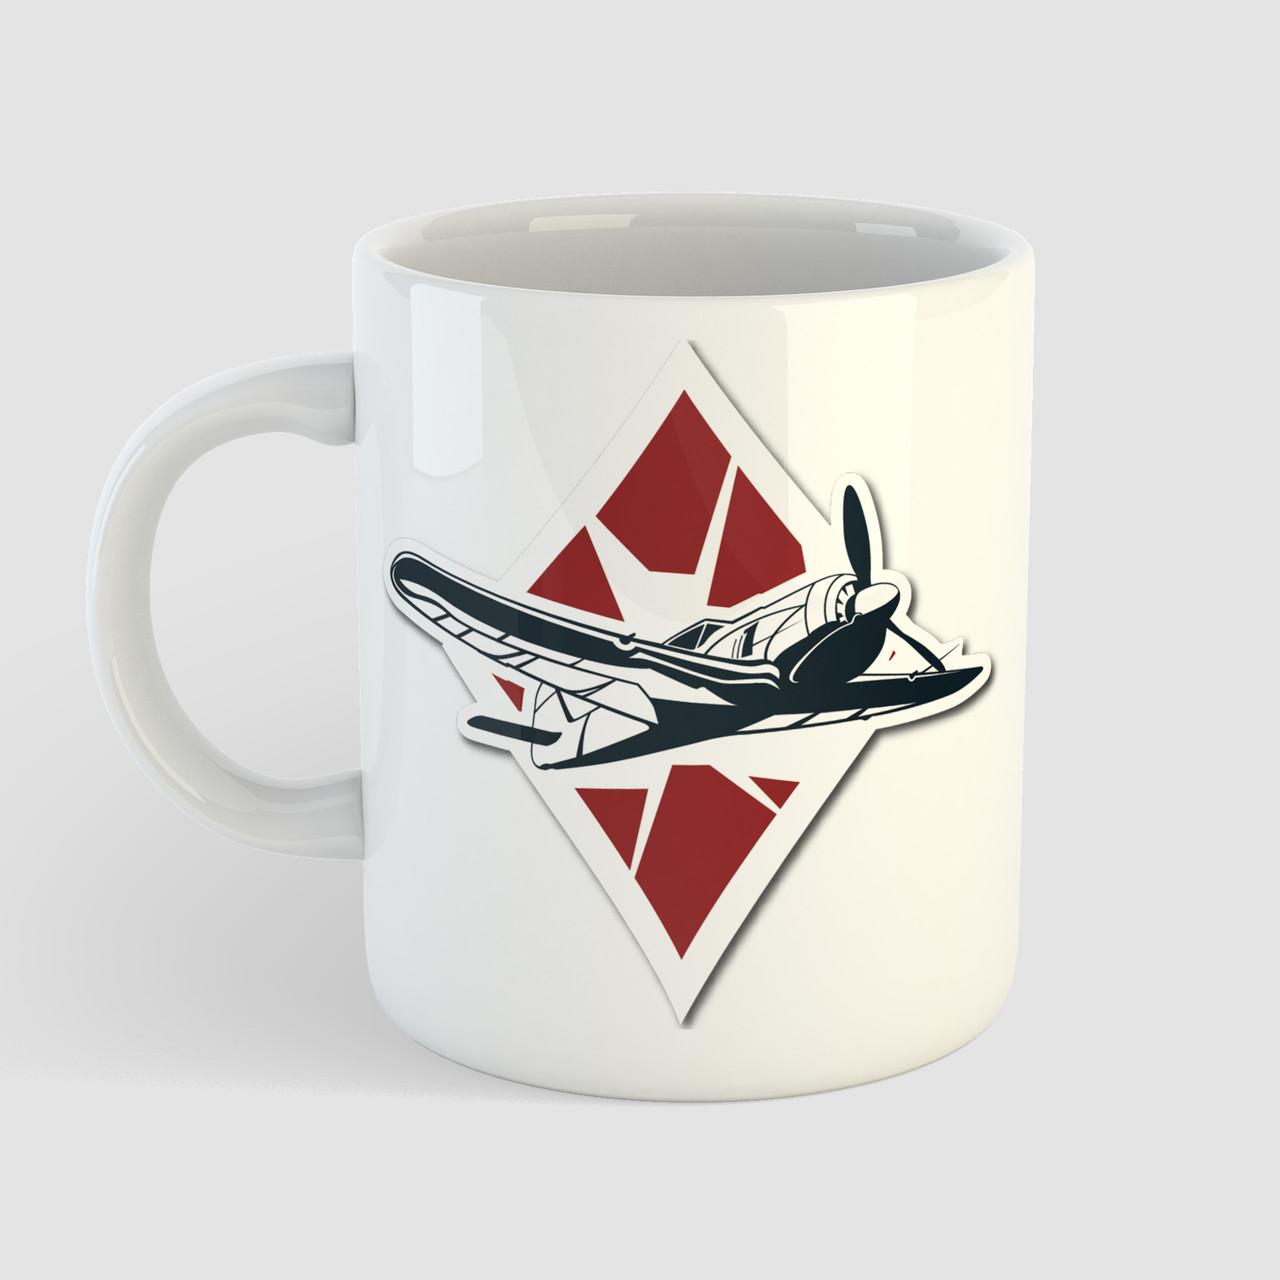 Кружка с принтом World of Warplanes. Чашка с фото